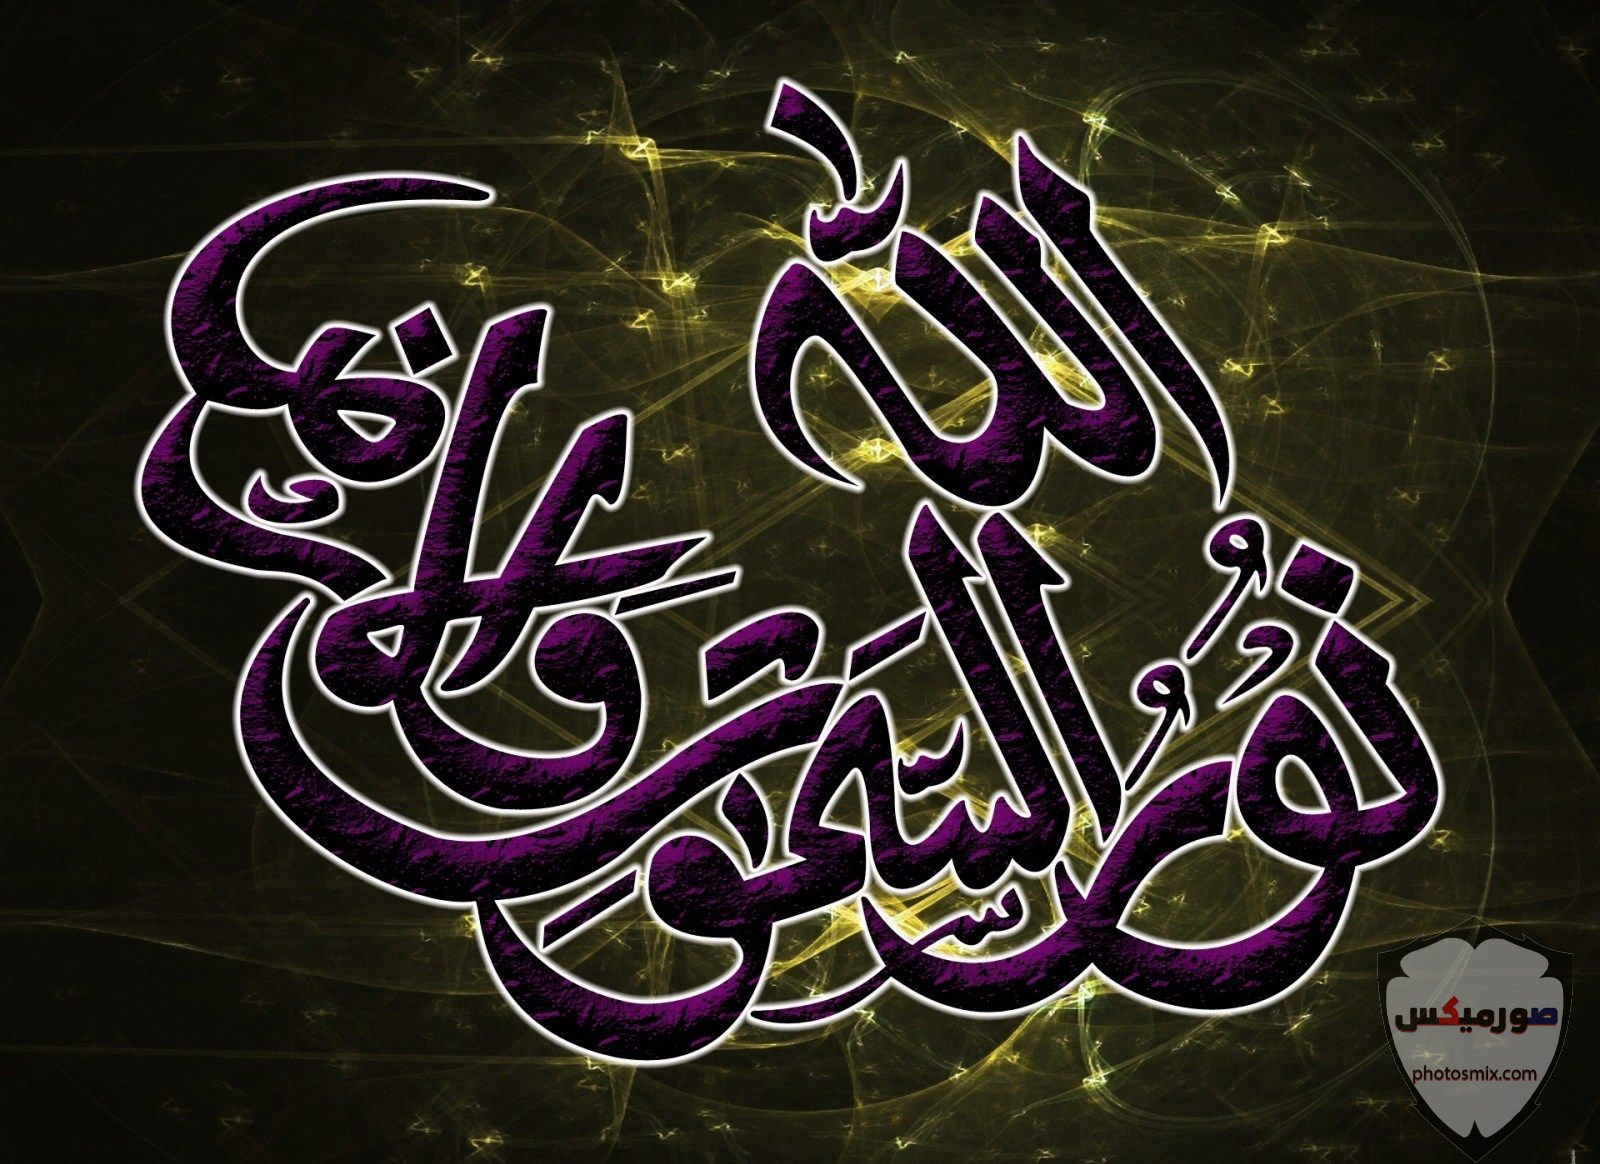 خلفيات دينية جميلة اجمل الصور والخلفيات الاسلامية 2020 تحميل صور دينية للموبايل 19